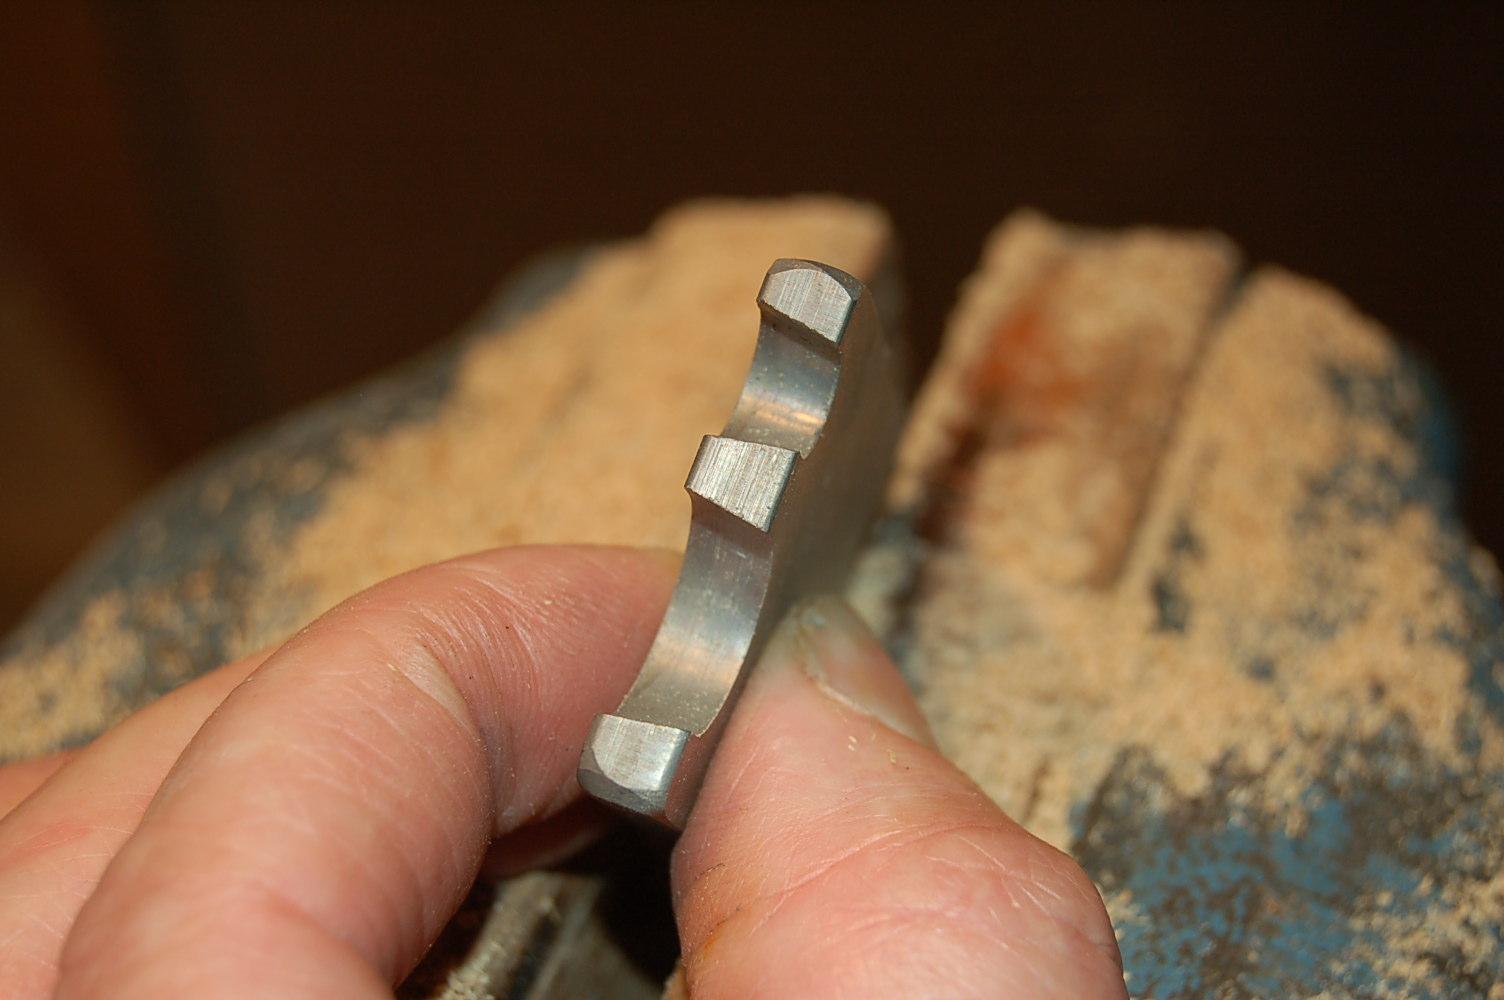 View of scraper cutting edges